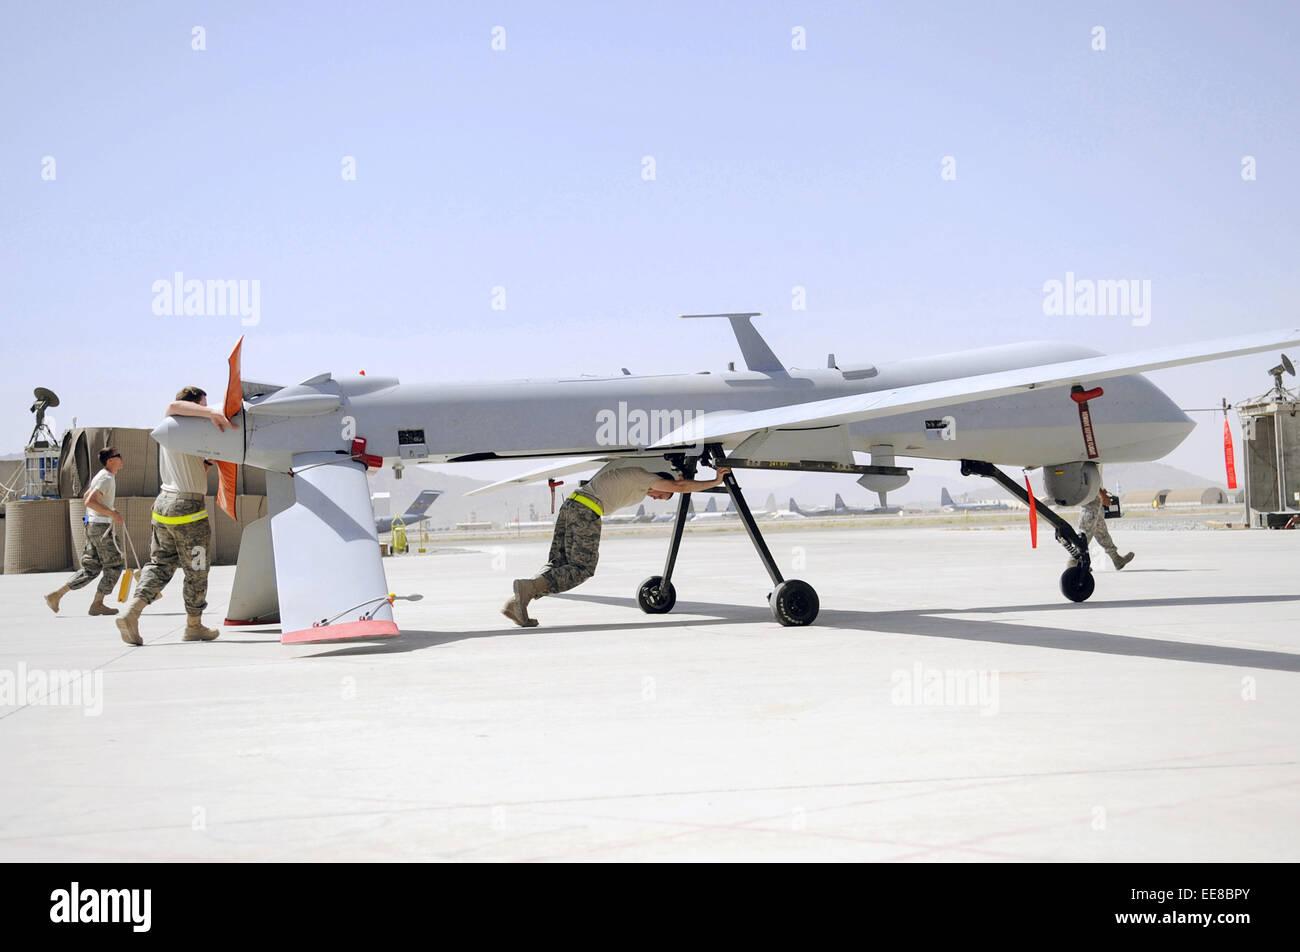 Mq 1 Predator Drohne Gedrangt Einen Hangar Fur Die Routinemassige